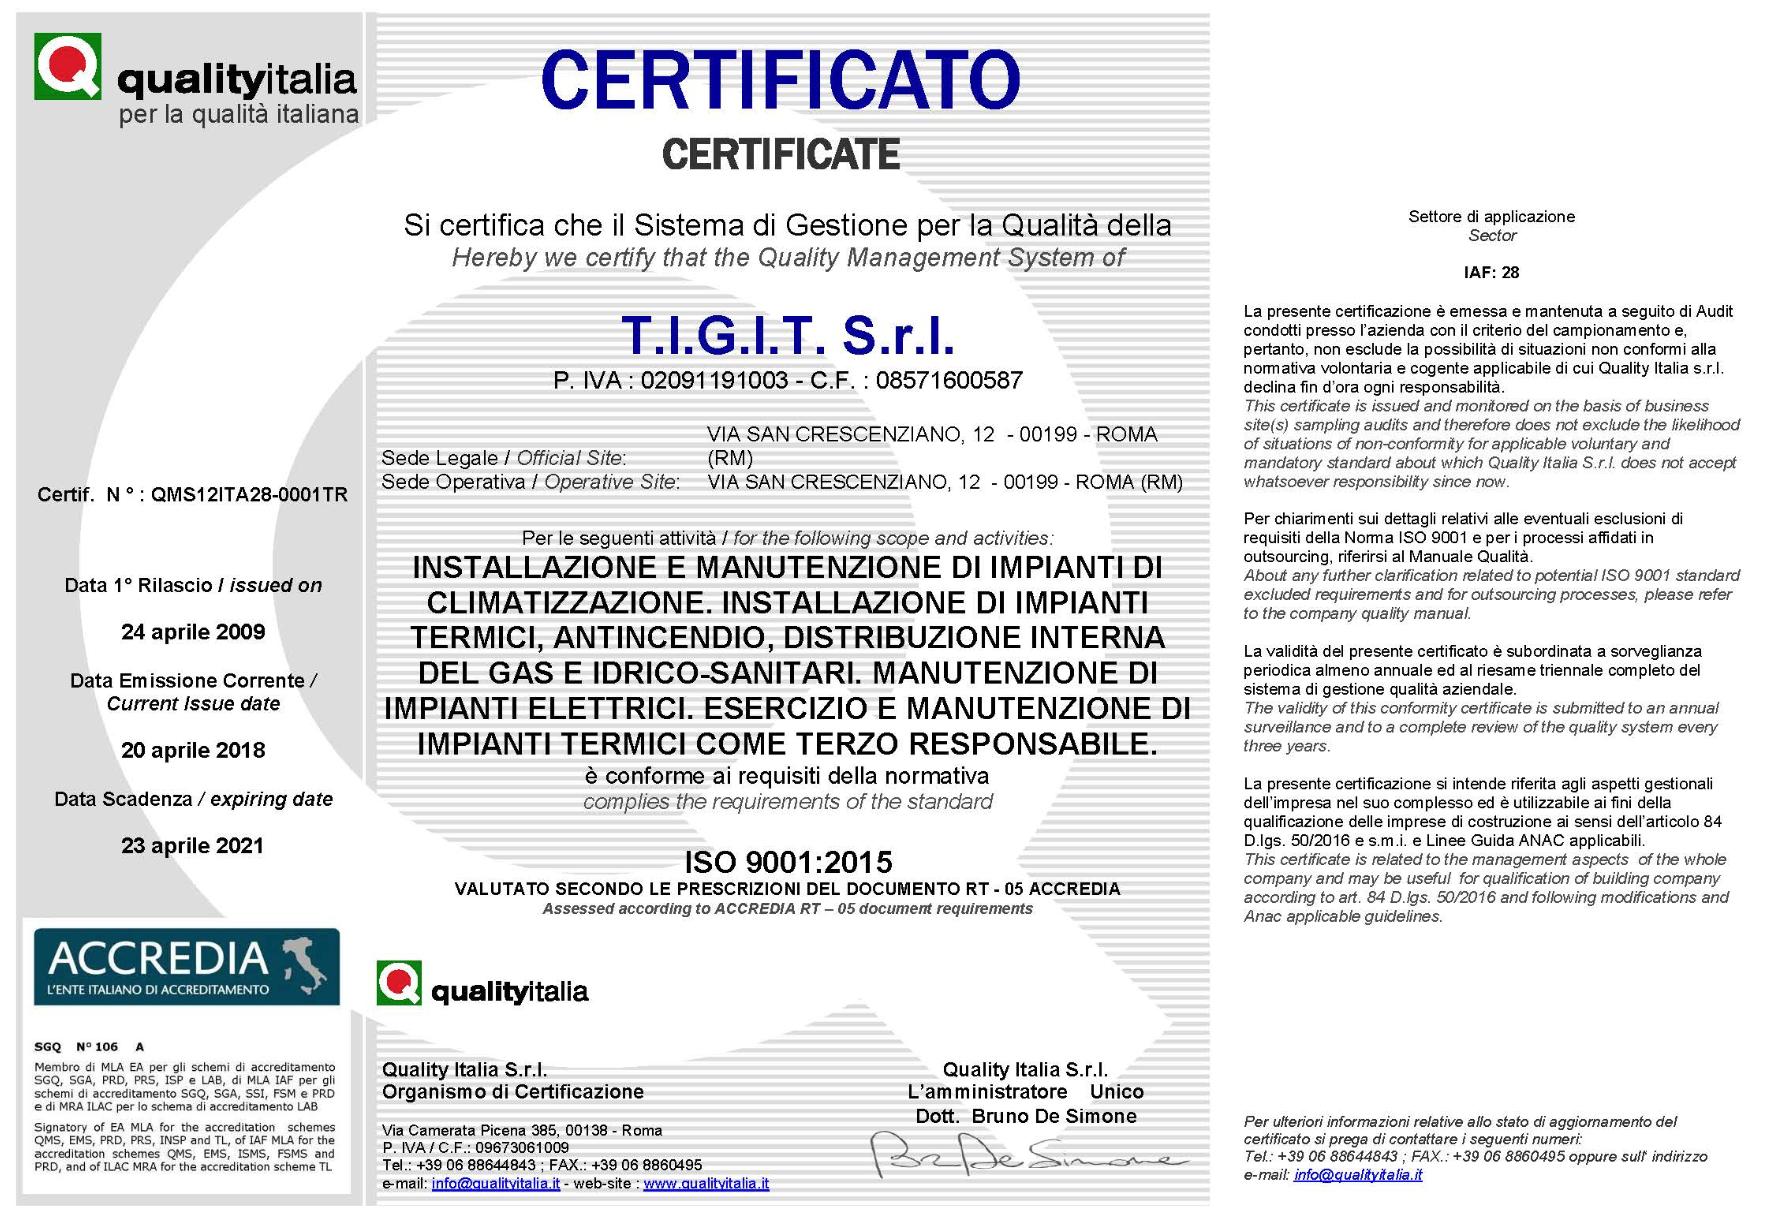 tigit - quality italia